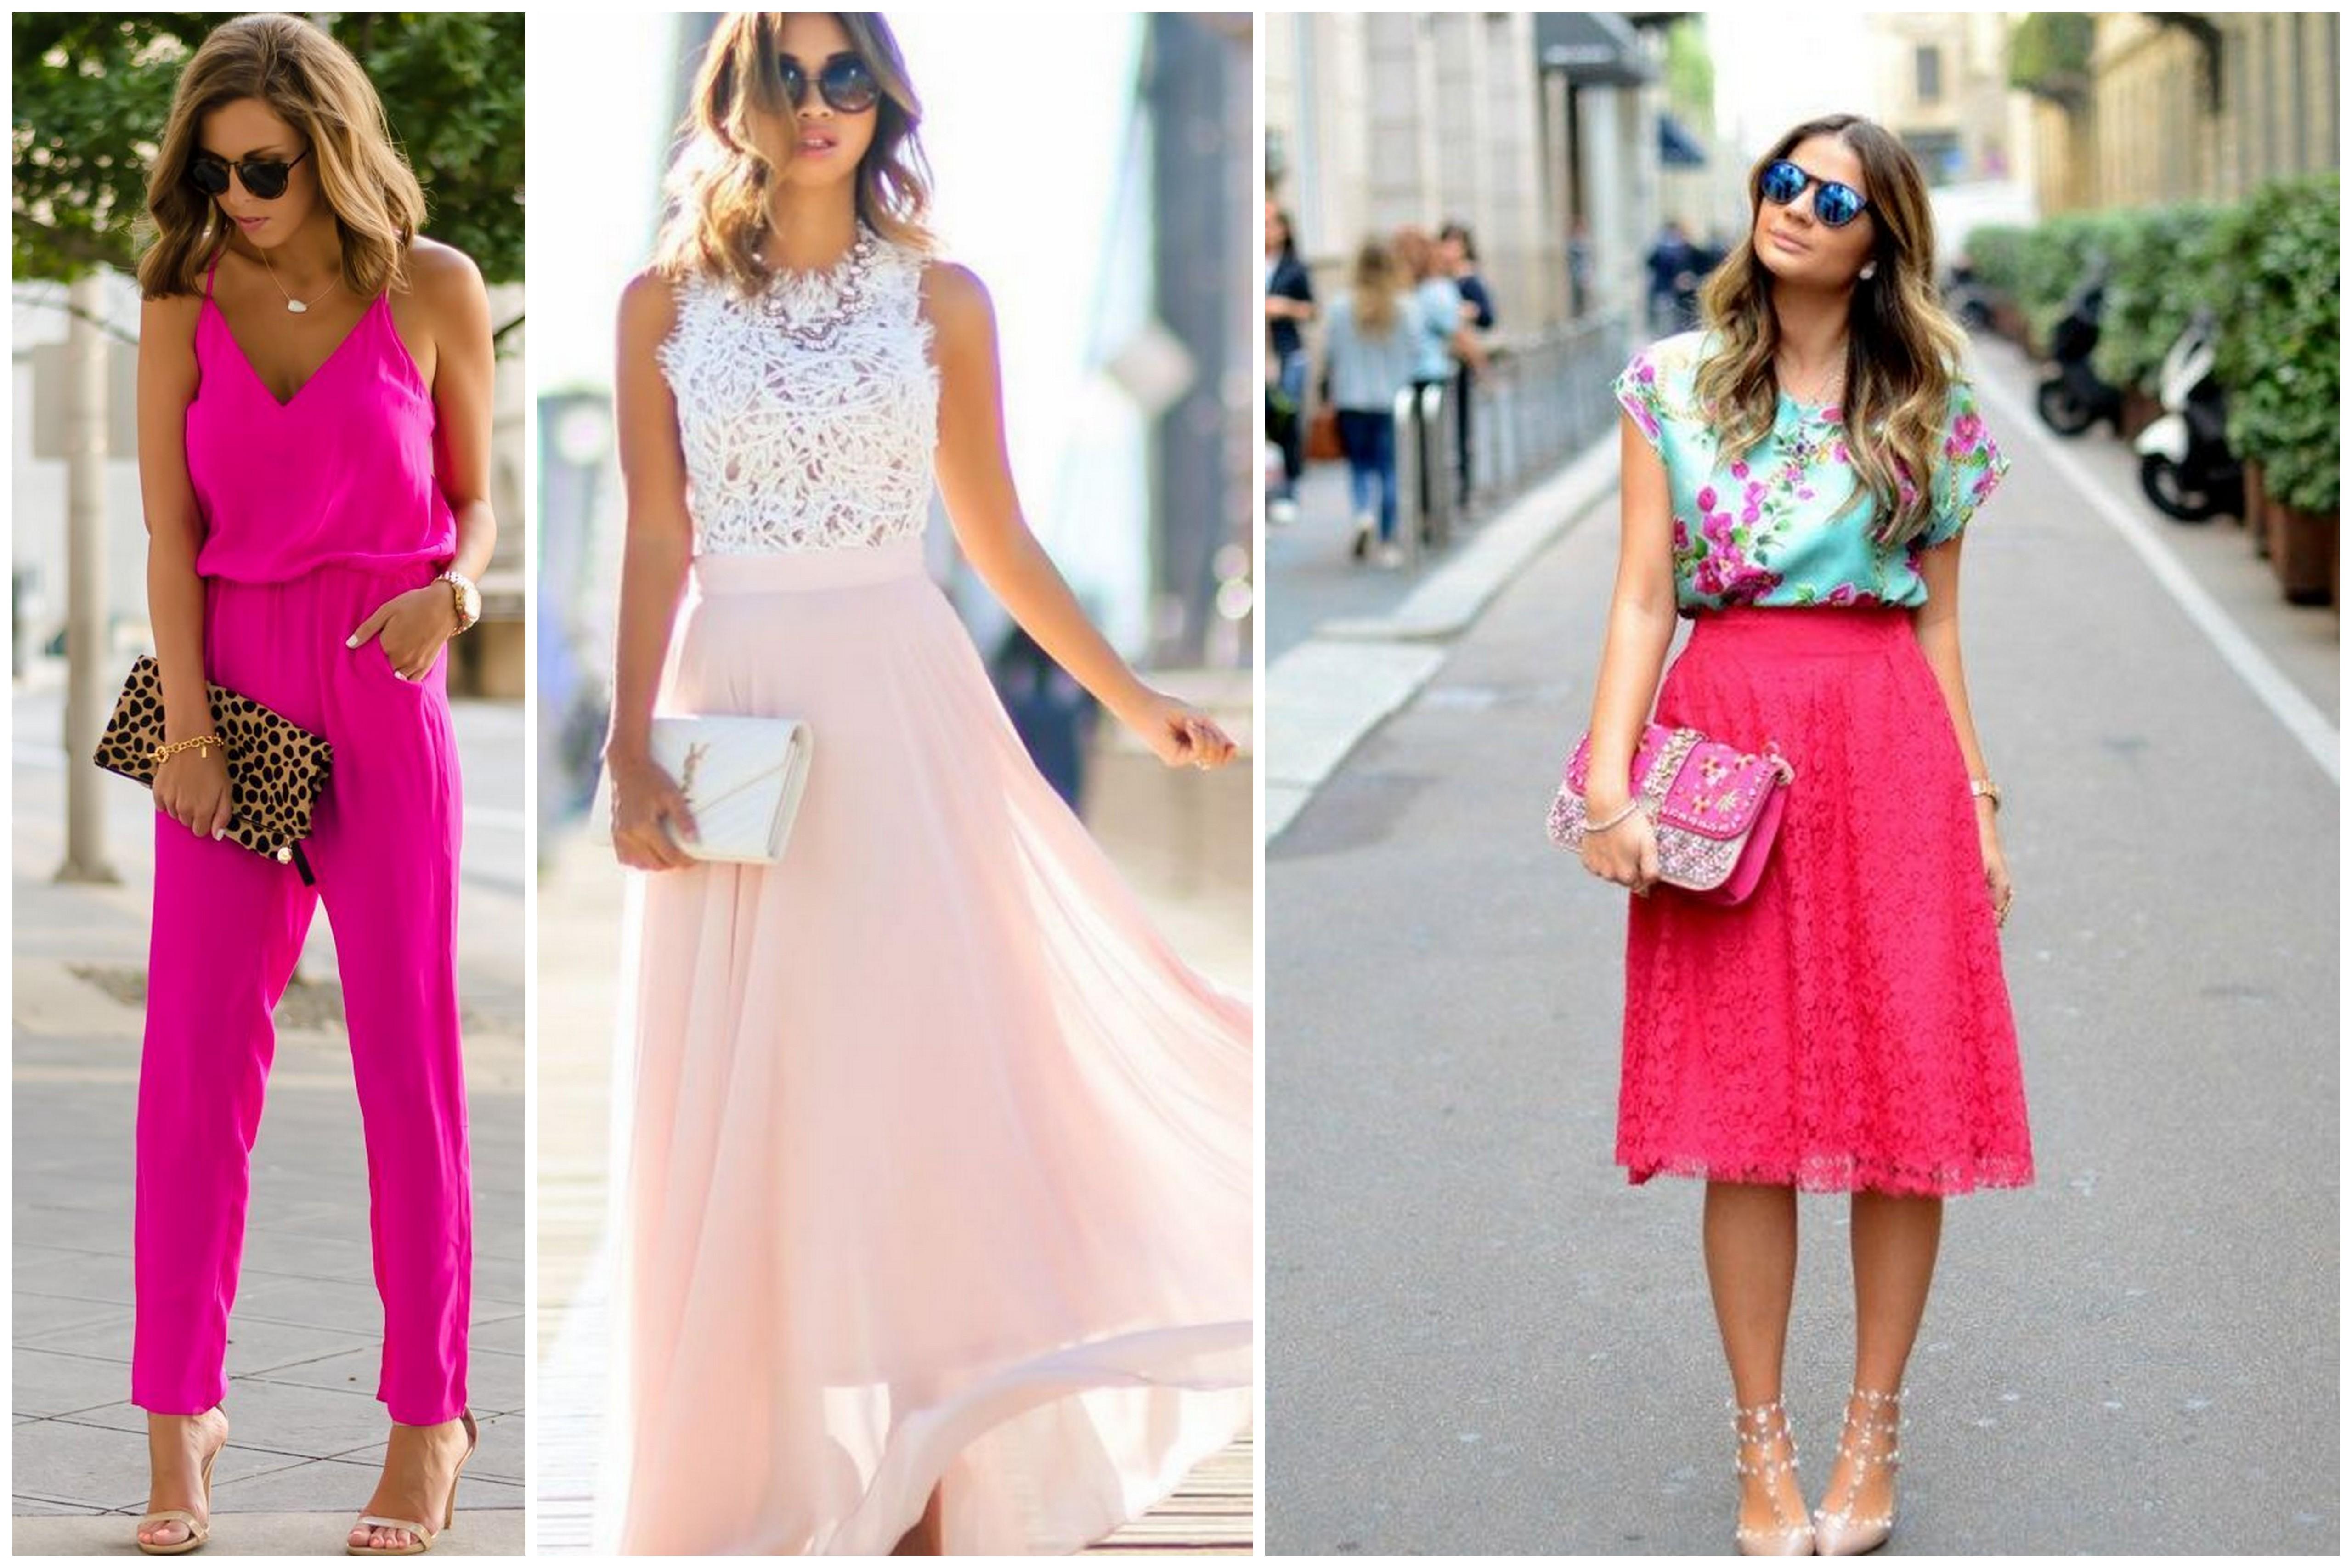 Al Matrimonio In Jeans : Invitata al matrimonio cosa indosserai colorato di pink